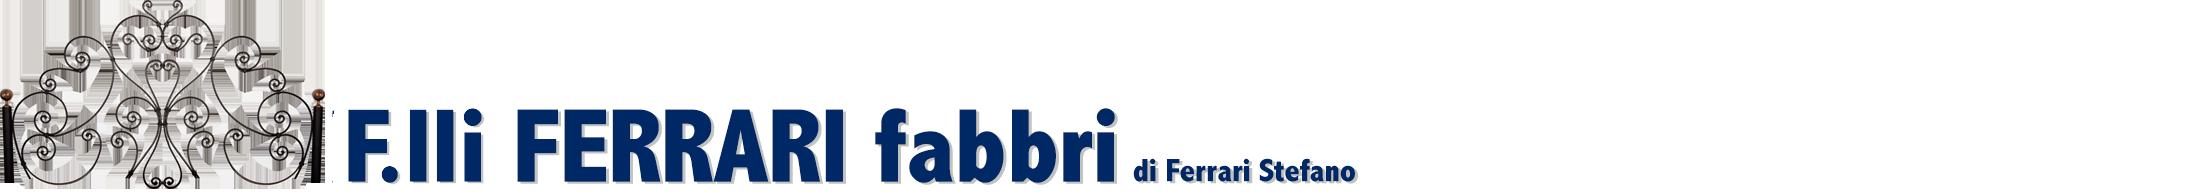 F.lli Ferrari - Lavorazioni ferro e costruzioni meccaniche